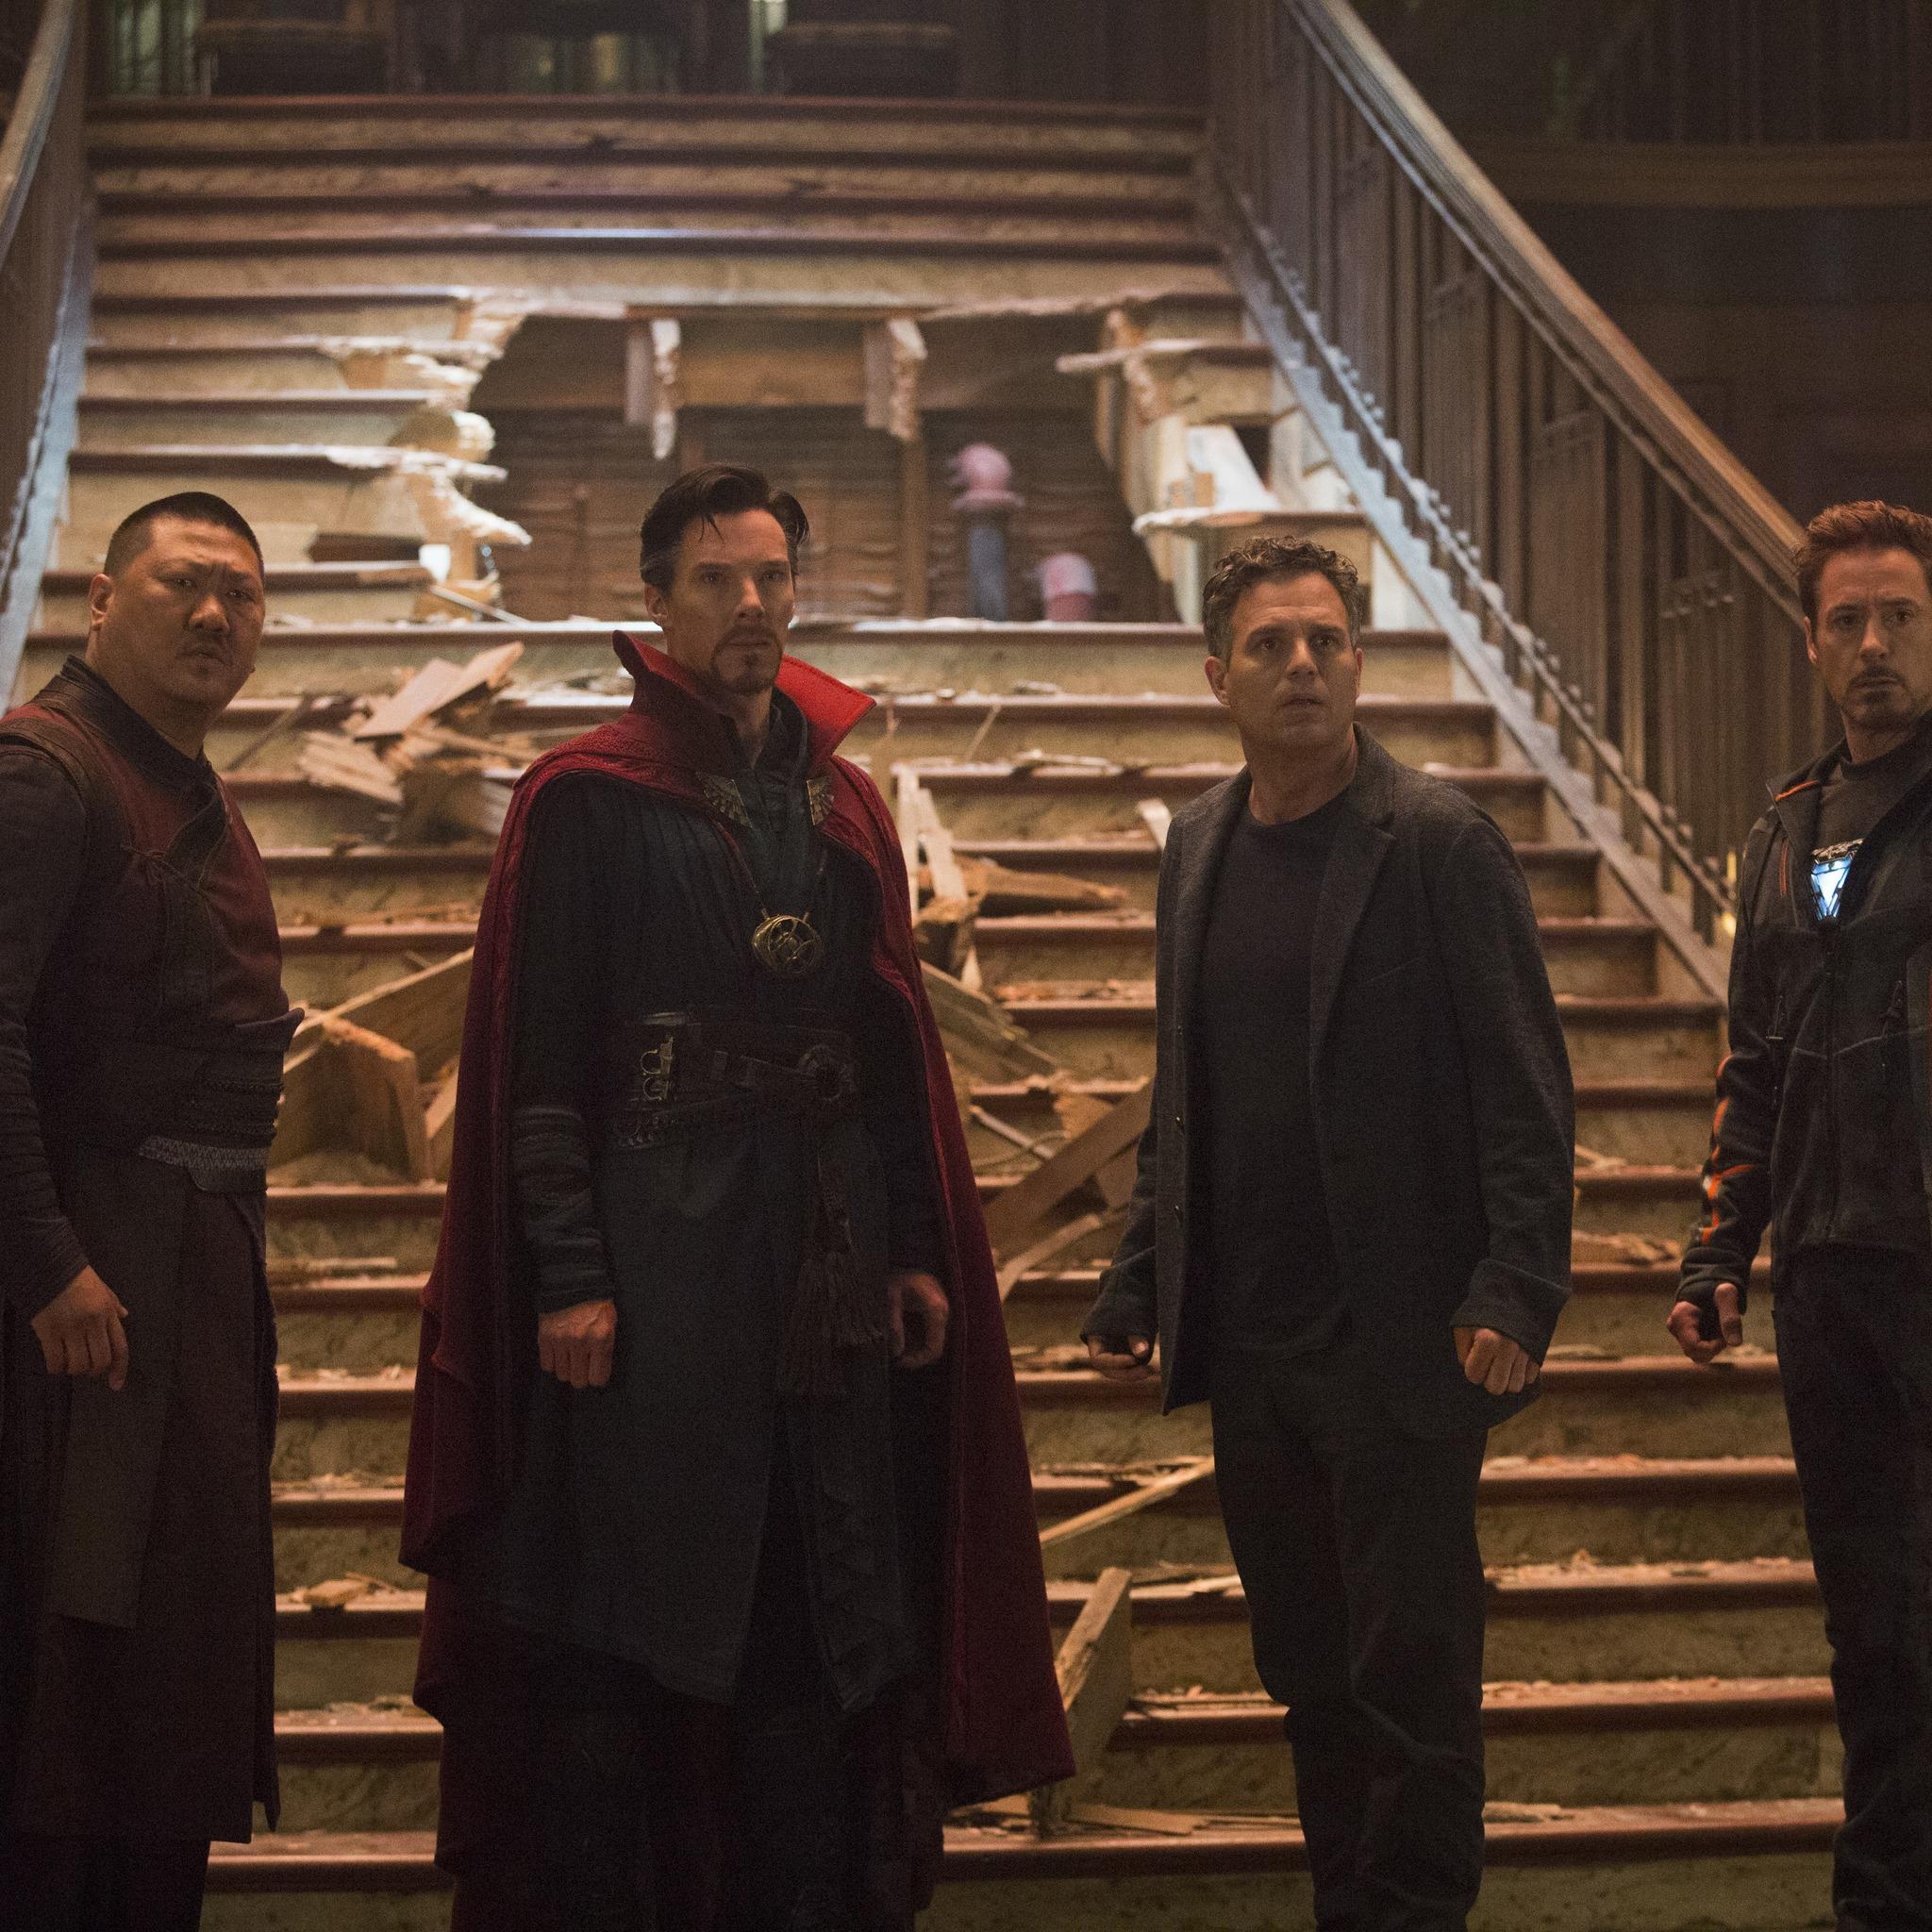 tony-stark-doctor-strange-bruce-banner-and-wong-in-avengers-infinity-war-al.jpg